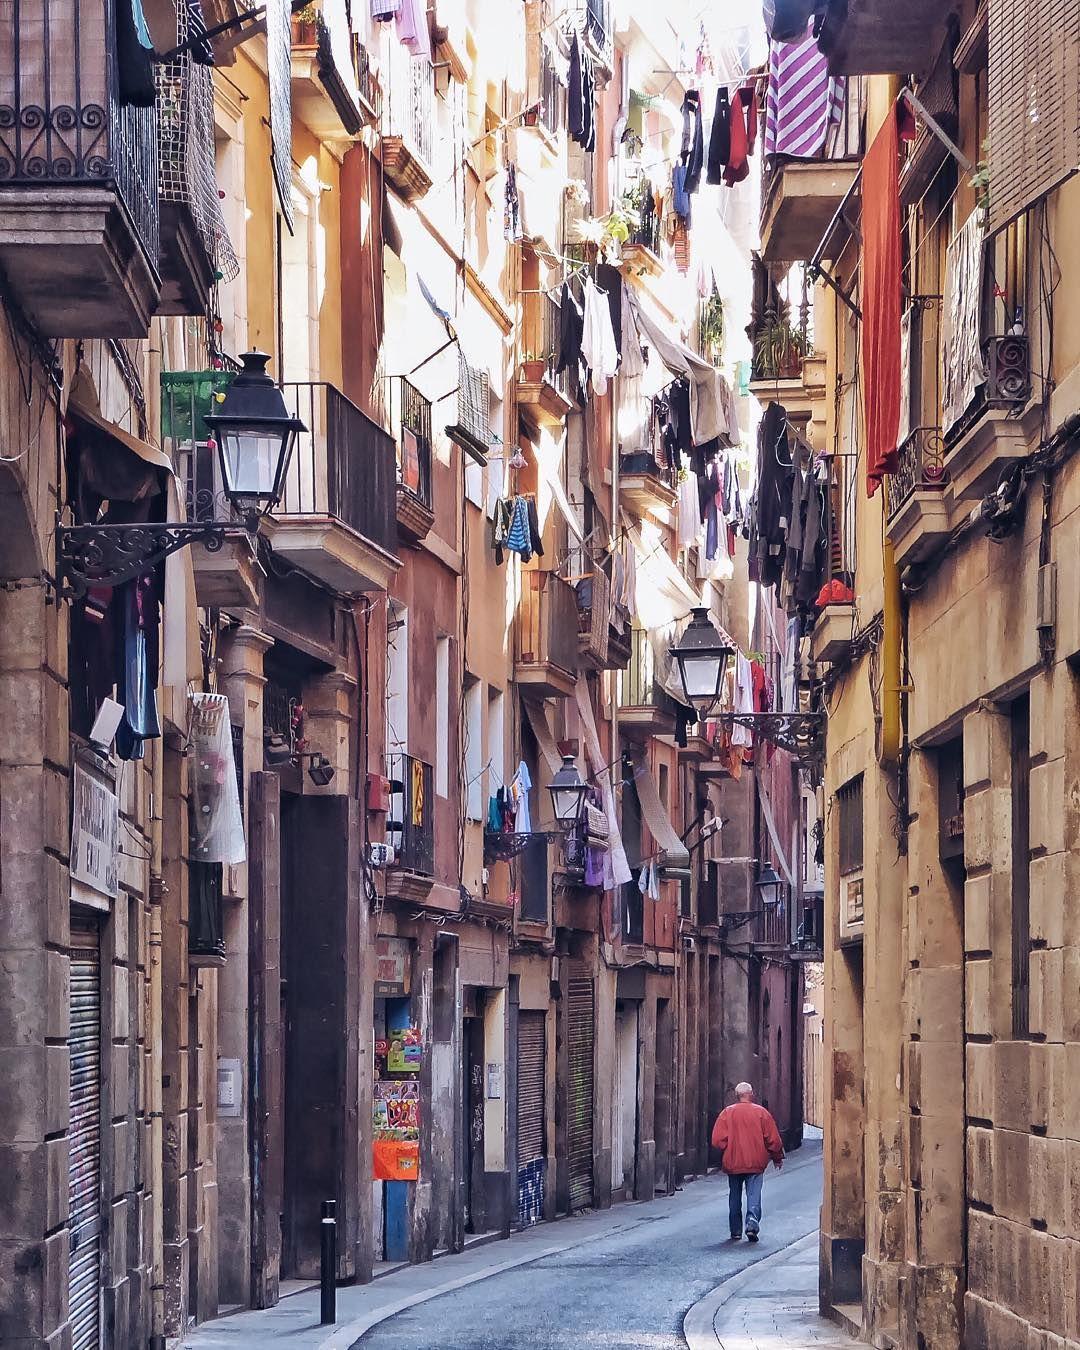 Carrer D En Roig El Raval Barcelona Architecture Barcelona